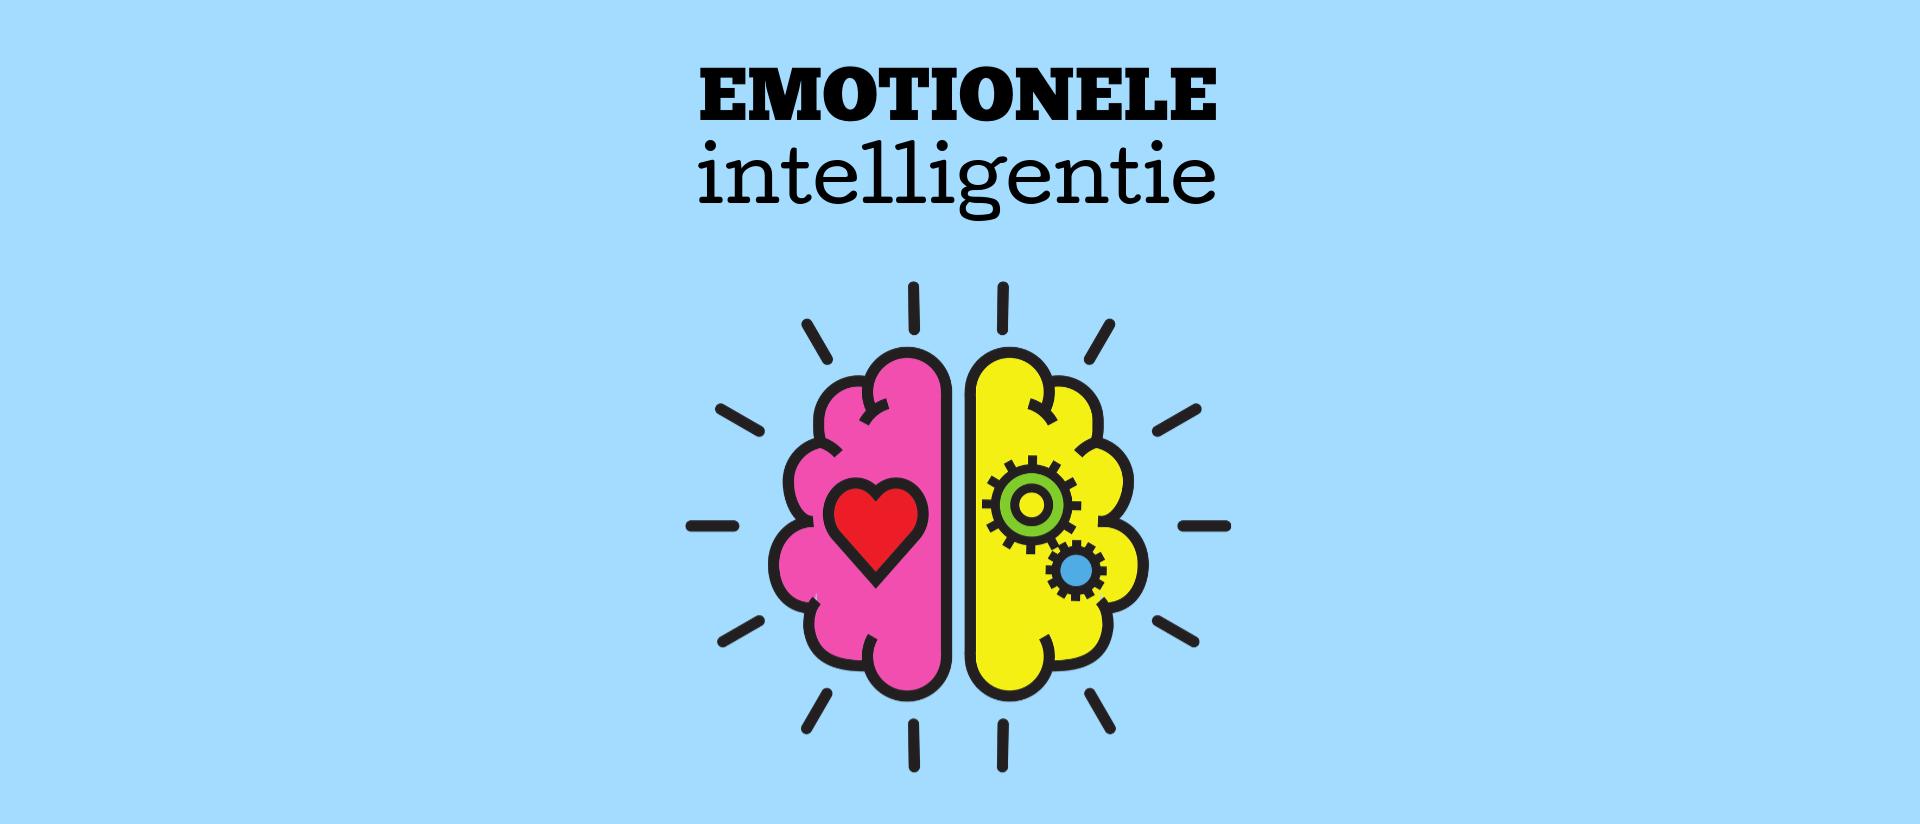 Emotionele intelligentie van leiders in de Evolutiegids